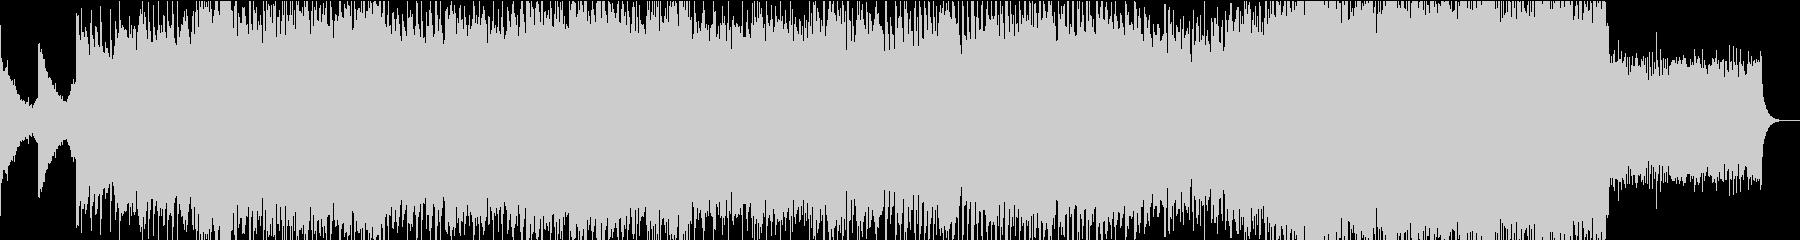 流麗ストリングスと印象的なピアノのポップの未再生の波形